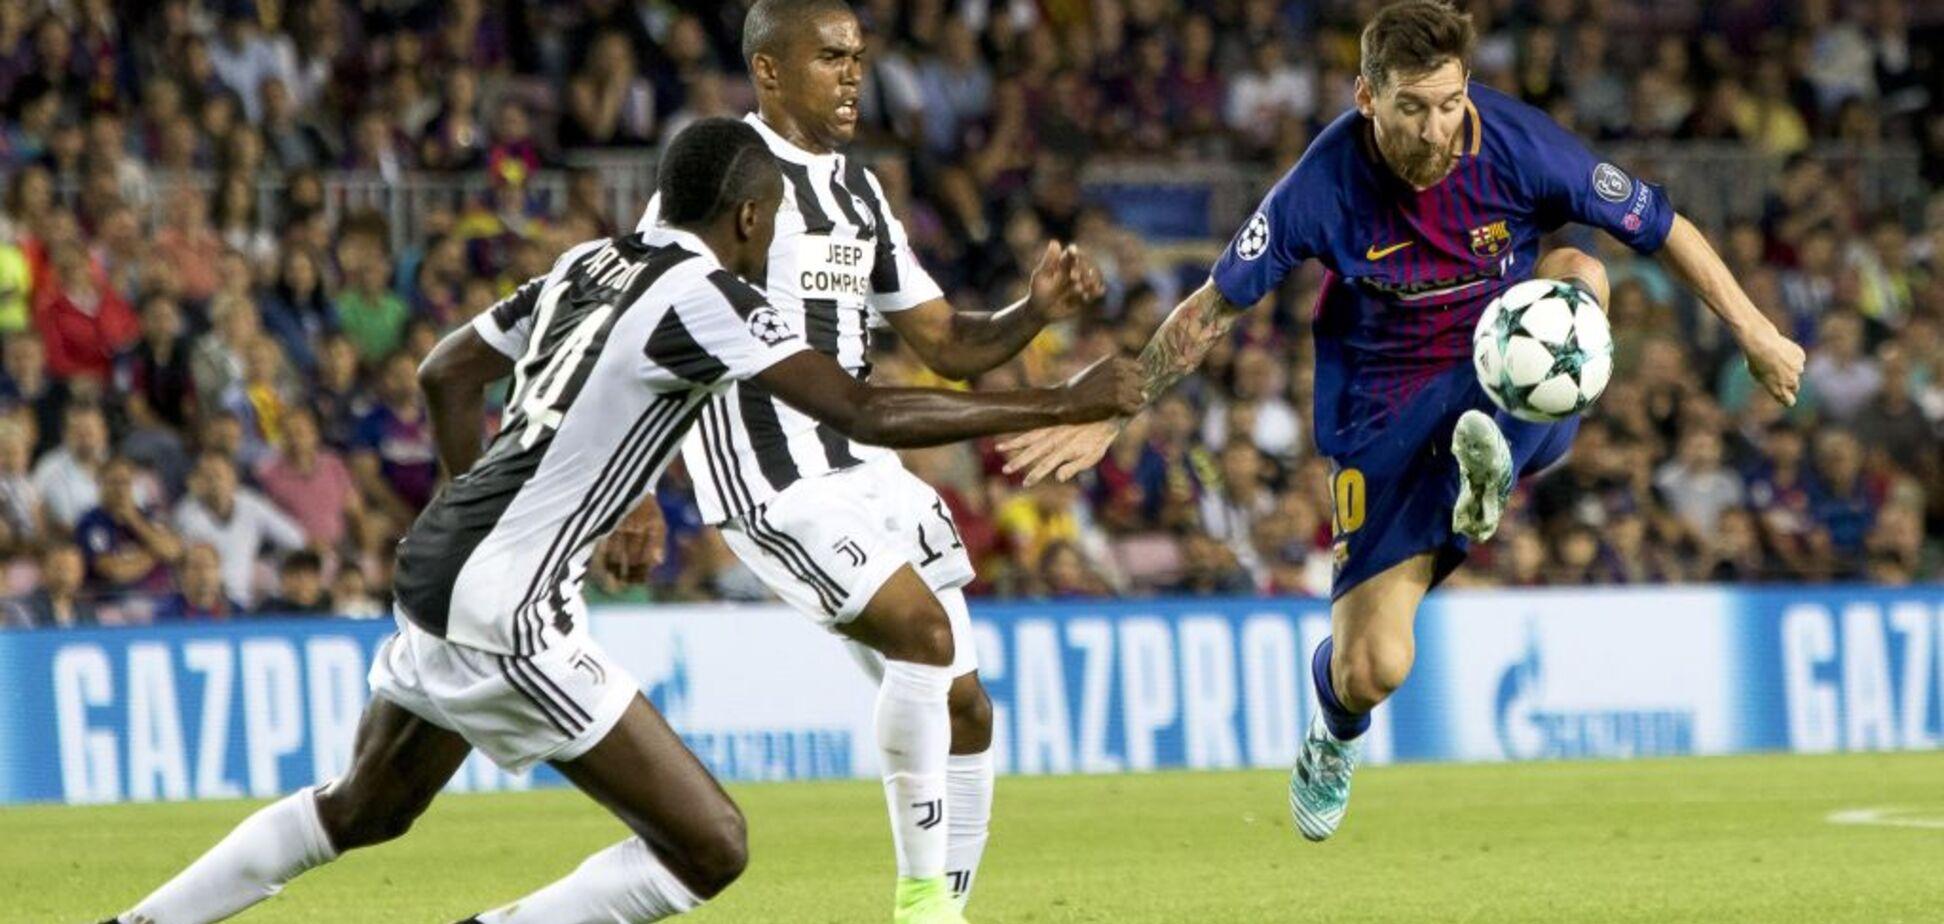 'Барселона' разгромила 'Ювентус' в центральном матче 1-го тура Лиги чемпионов